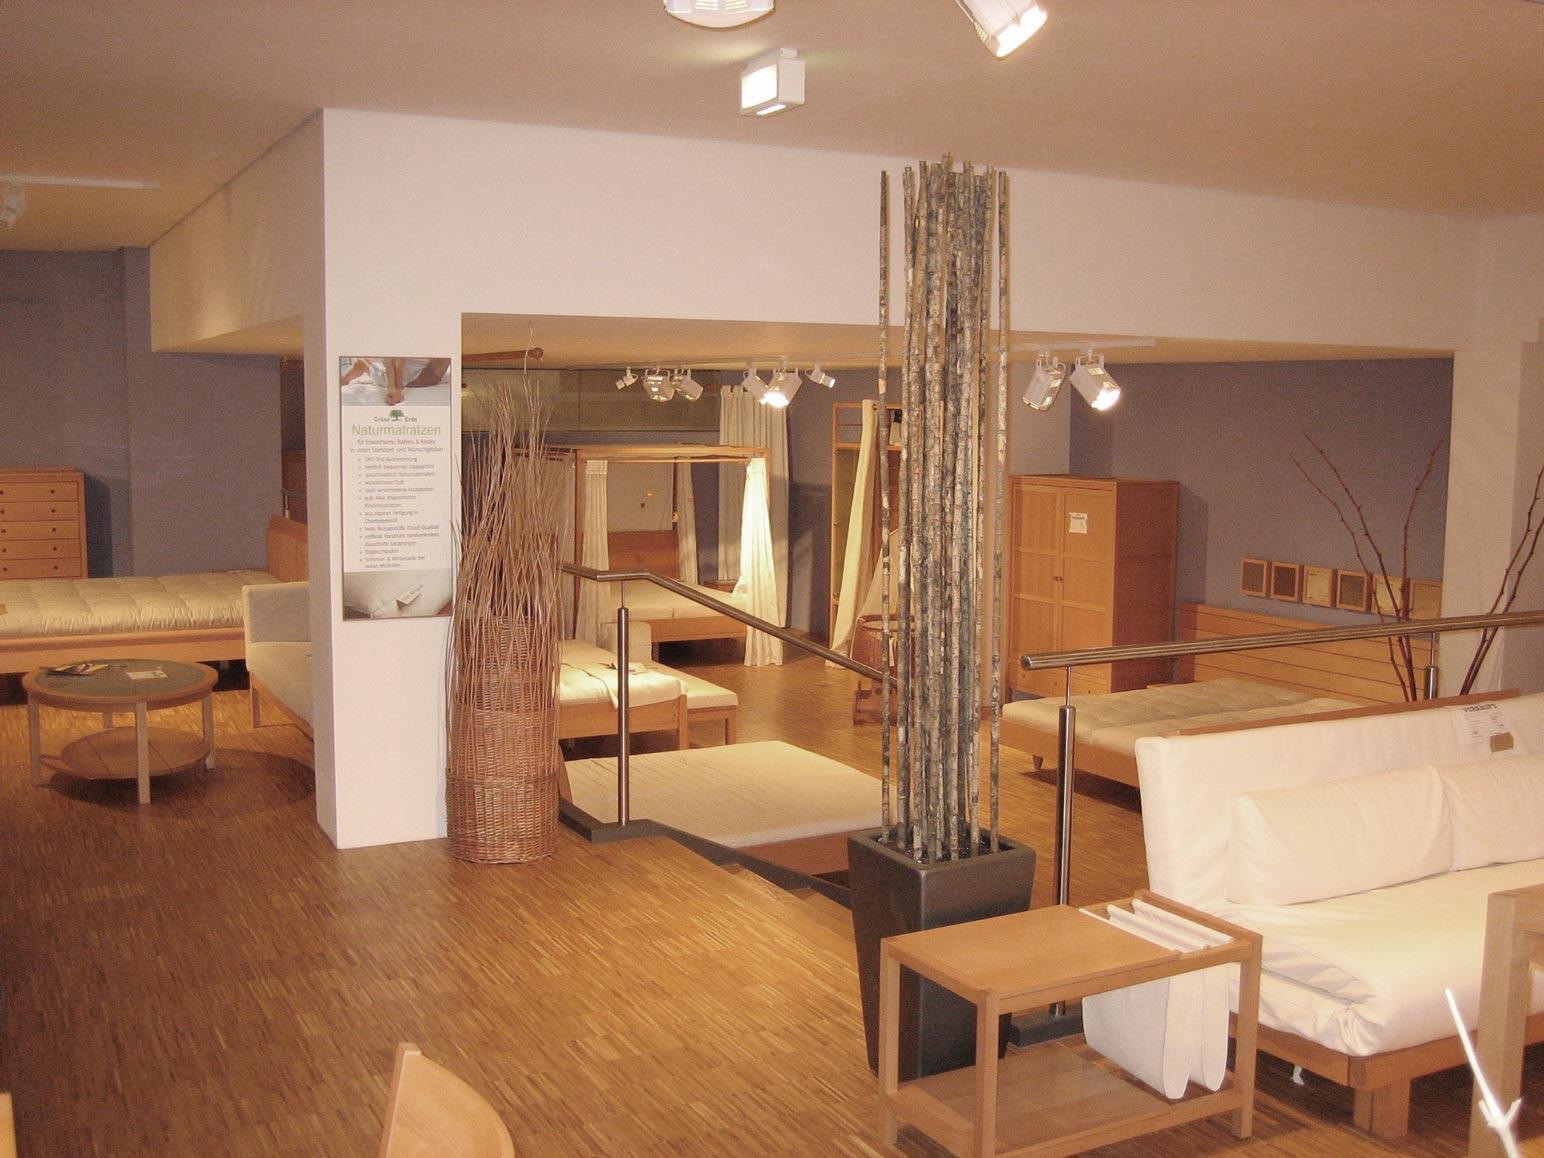 ladenausbau gr ne erde industrie und gewerbebau mader architekten stuttgart. Black Bedroom Furniture Sets. Home Design Ideas